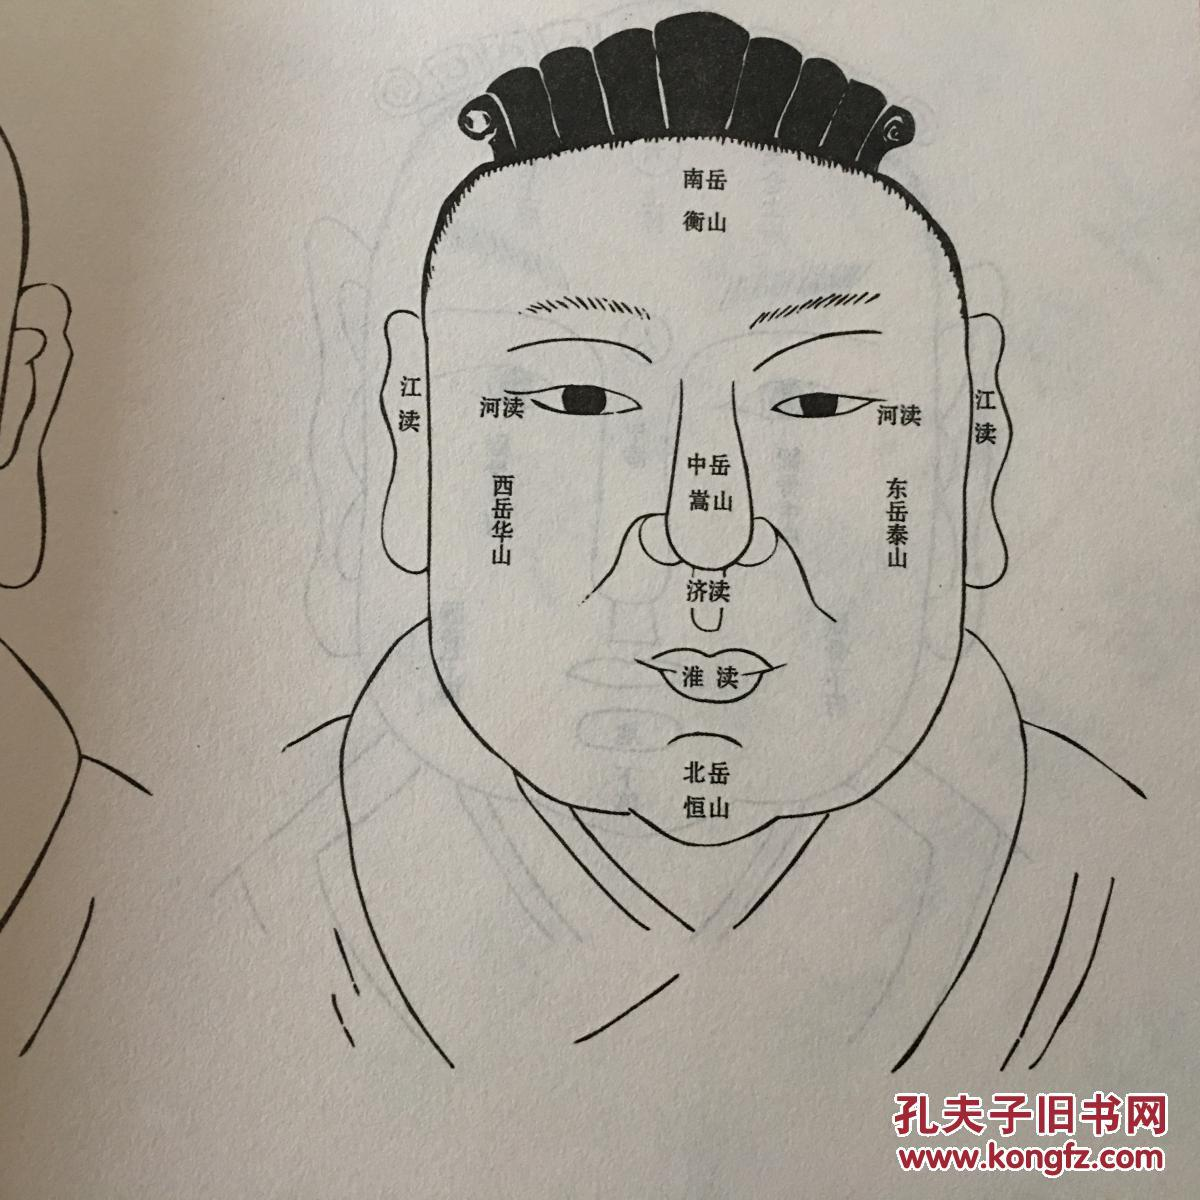 图解《麻衣神相》全文白话阅读 卷二-手相面相-周易占卜